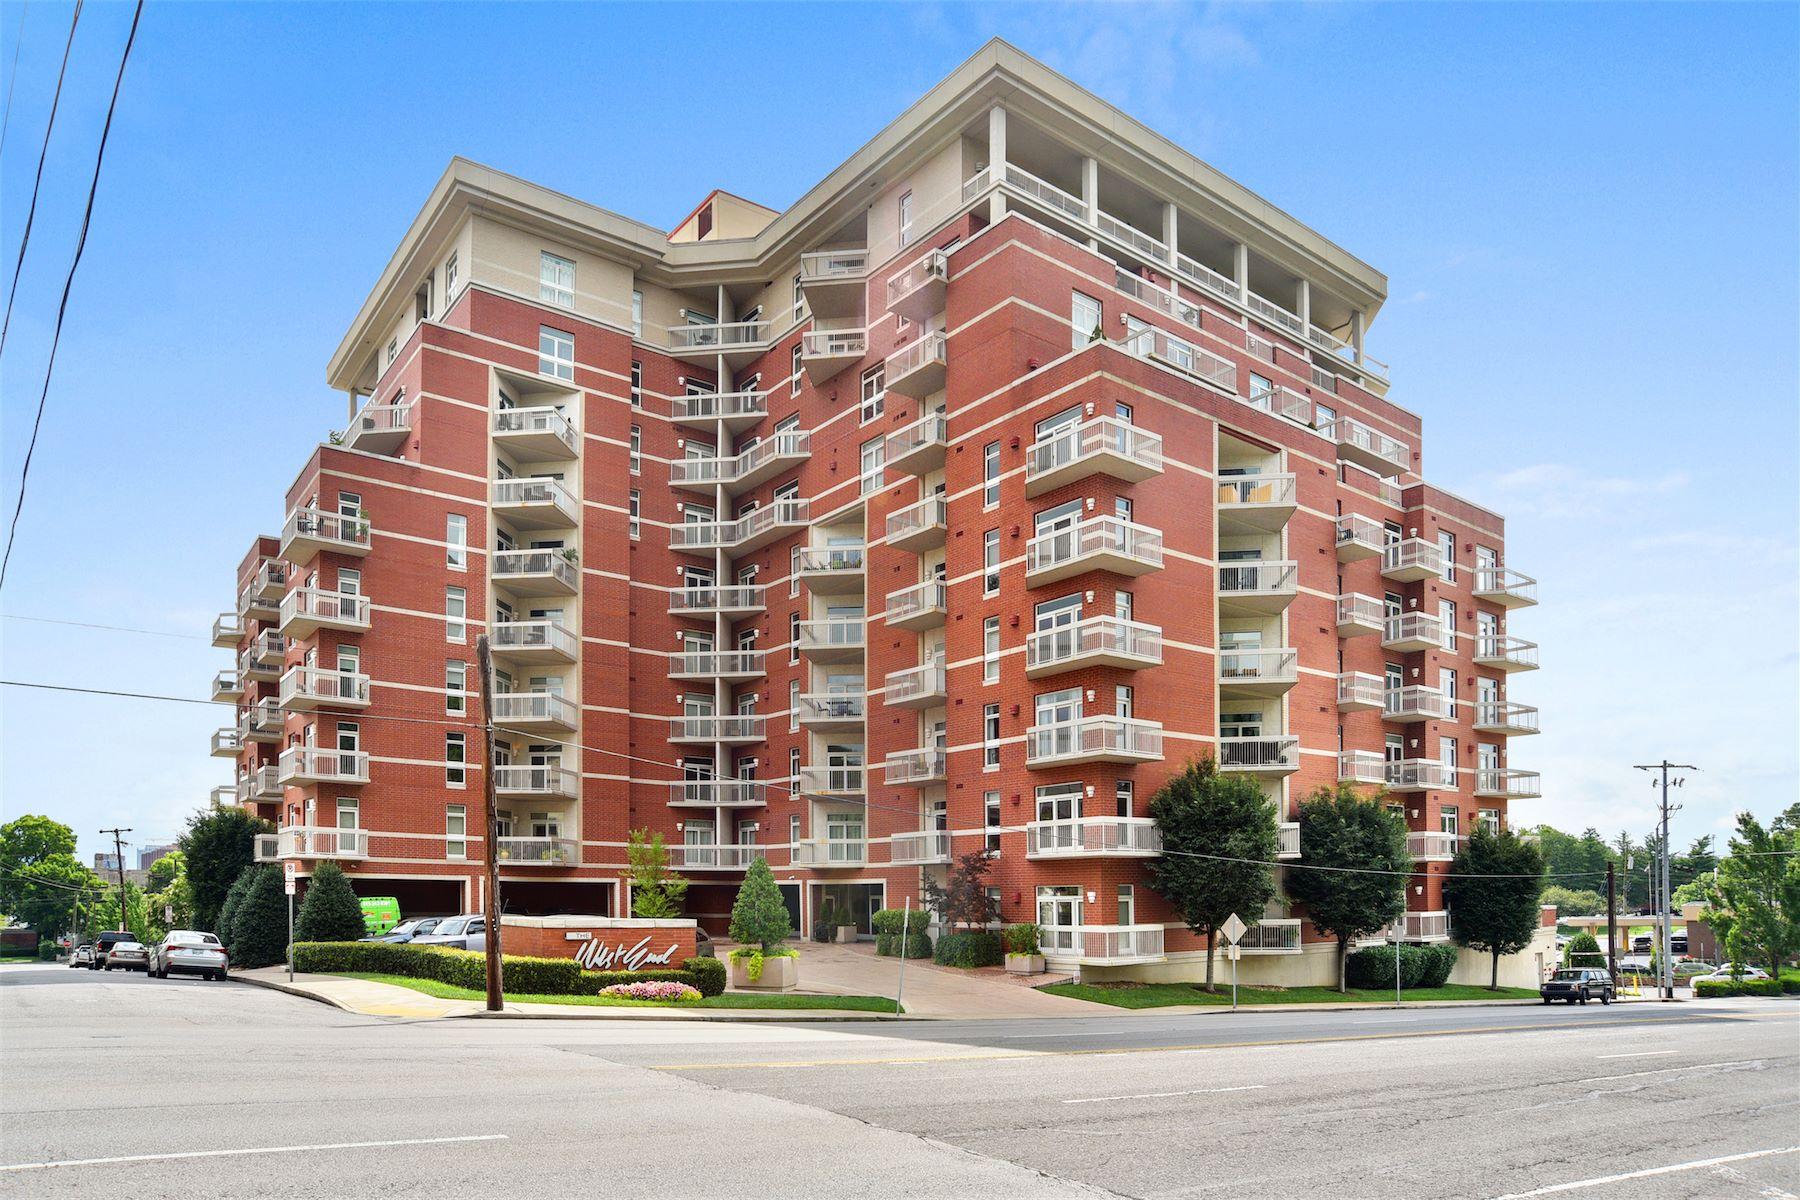 Eigentumswohnung für Verkauf beim Luxury Condo with Two Bedrooms and Two Bathrooms 110 31st Avenue North #205 Nashville, Tennessee, 37203 South, Vereinigte Staaten